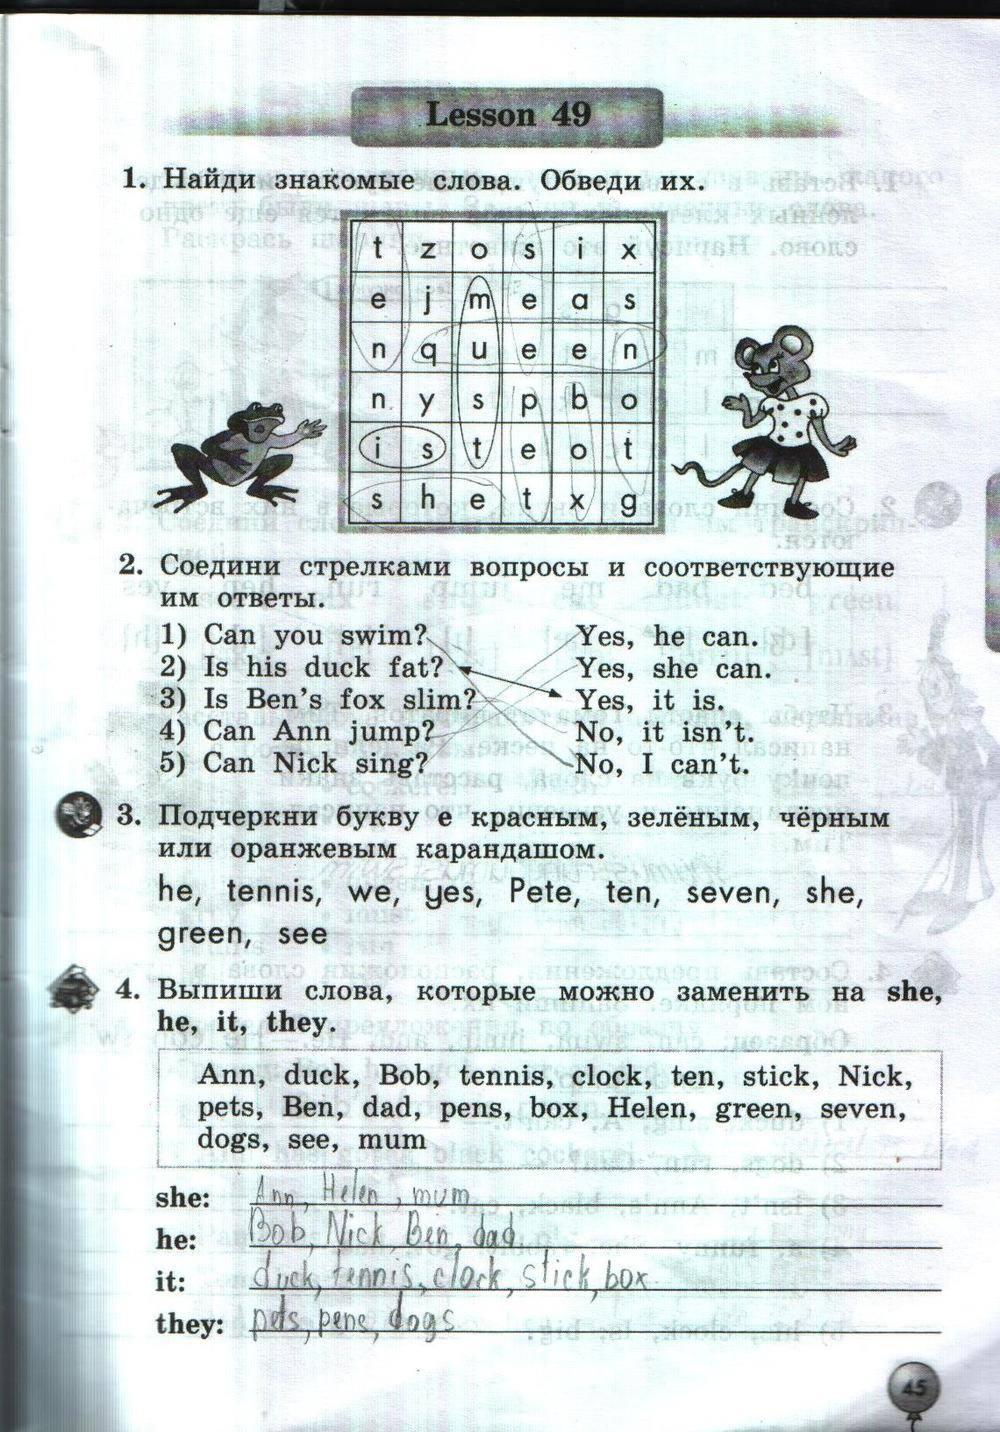 Гдз по английскому языку рабочая тетрадь 2 класс м.з.биболетова о.а.денисенко